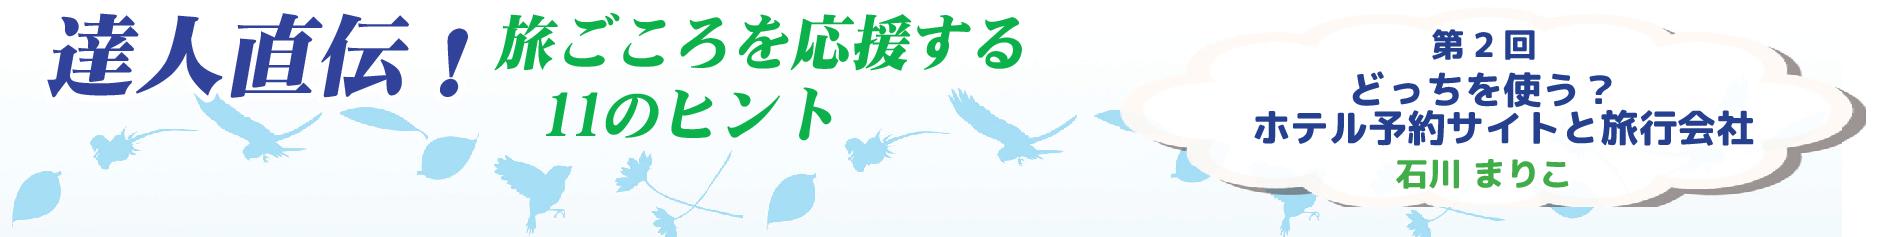 tatsu1